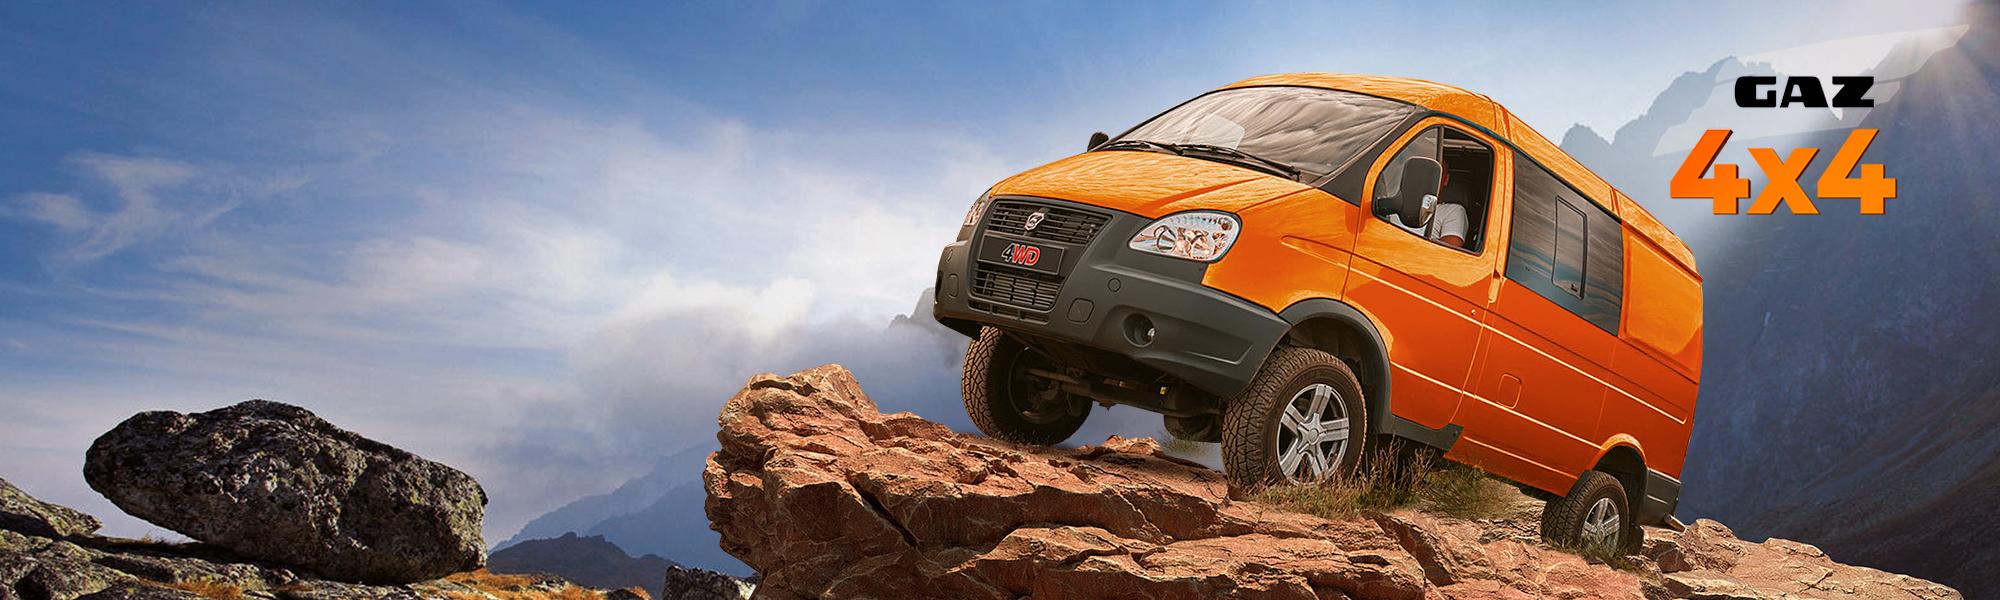 Спецпредложение Выгода до 206000 Р. Специальная цена при покупке Соболь 4WD. Десктопное изображение